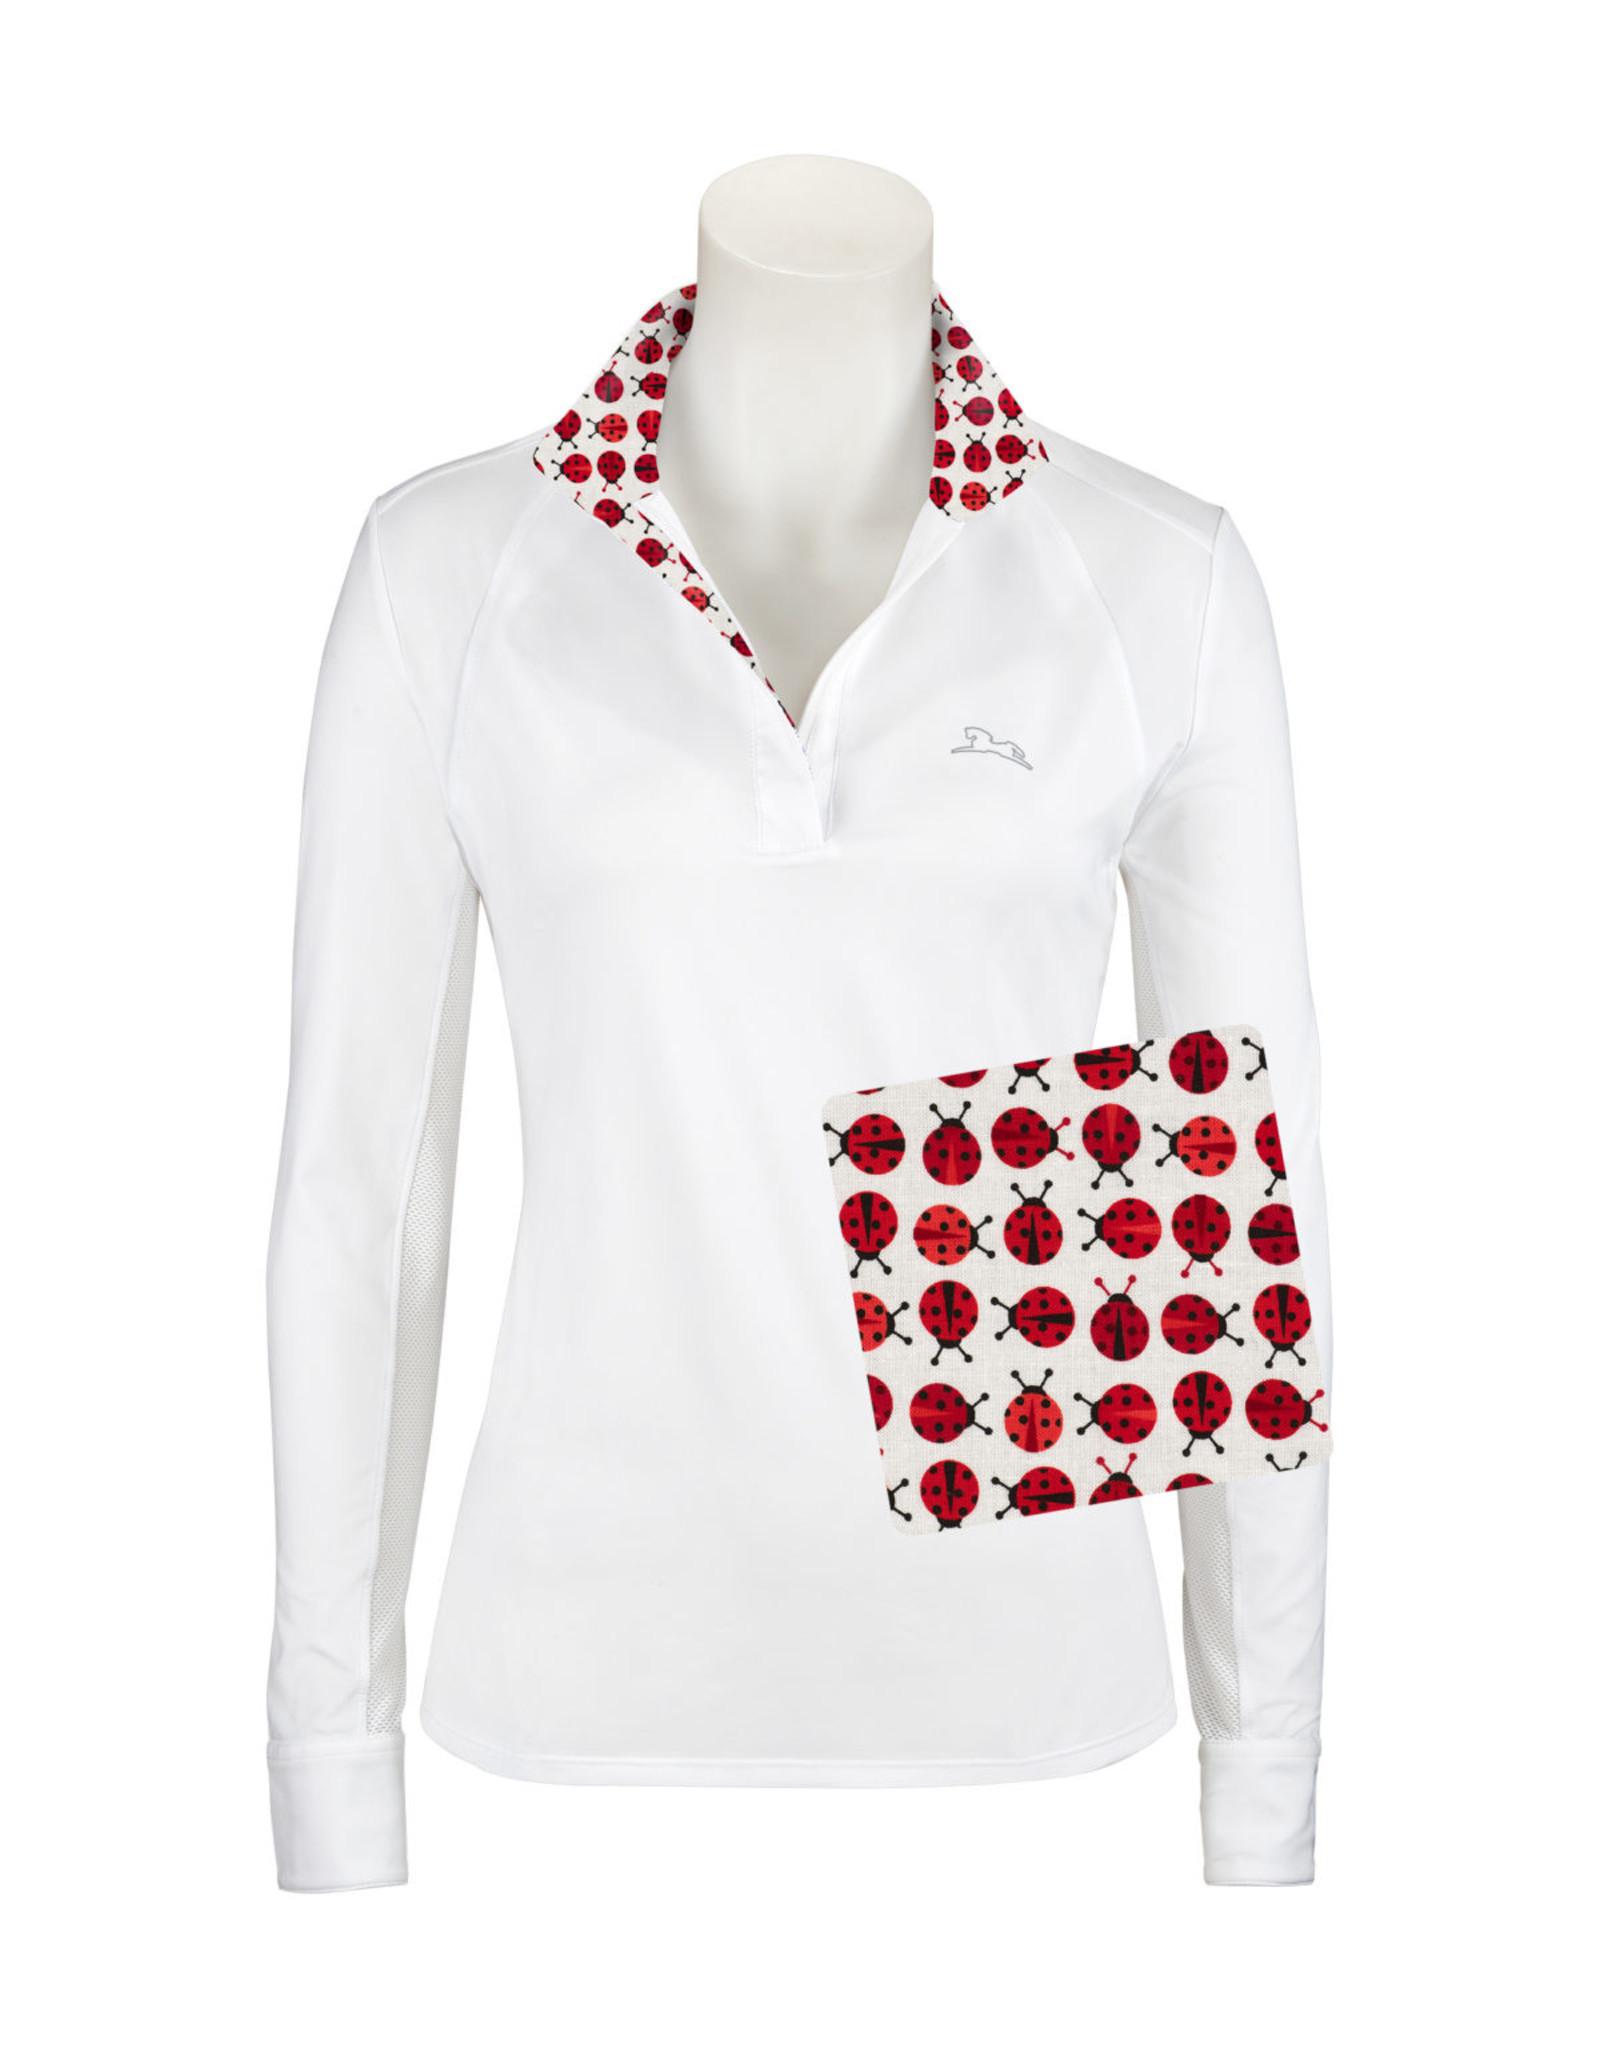 R.J. Classics Ladies' Maddie Show Shirt